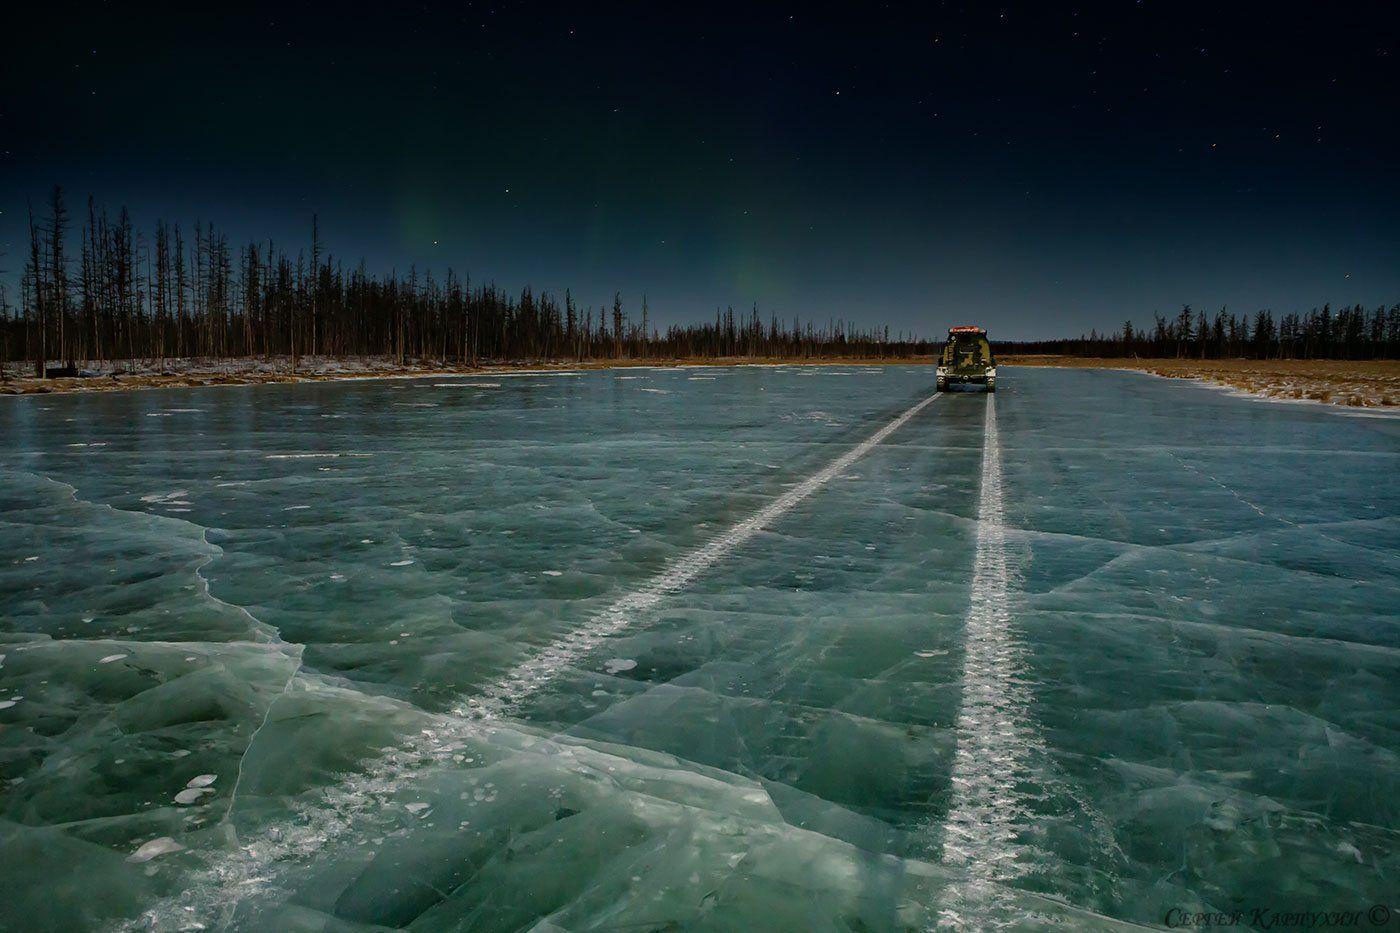 якутия, ночь, лёд, зима, Сергей Карпухин